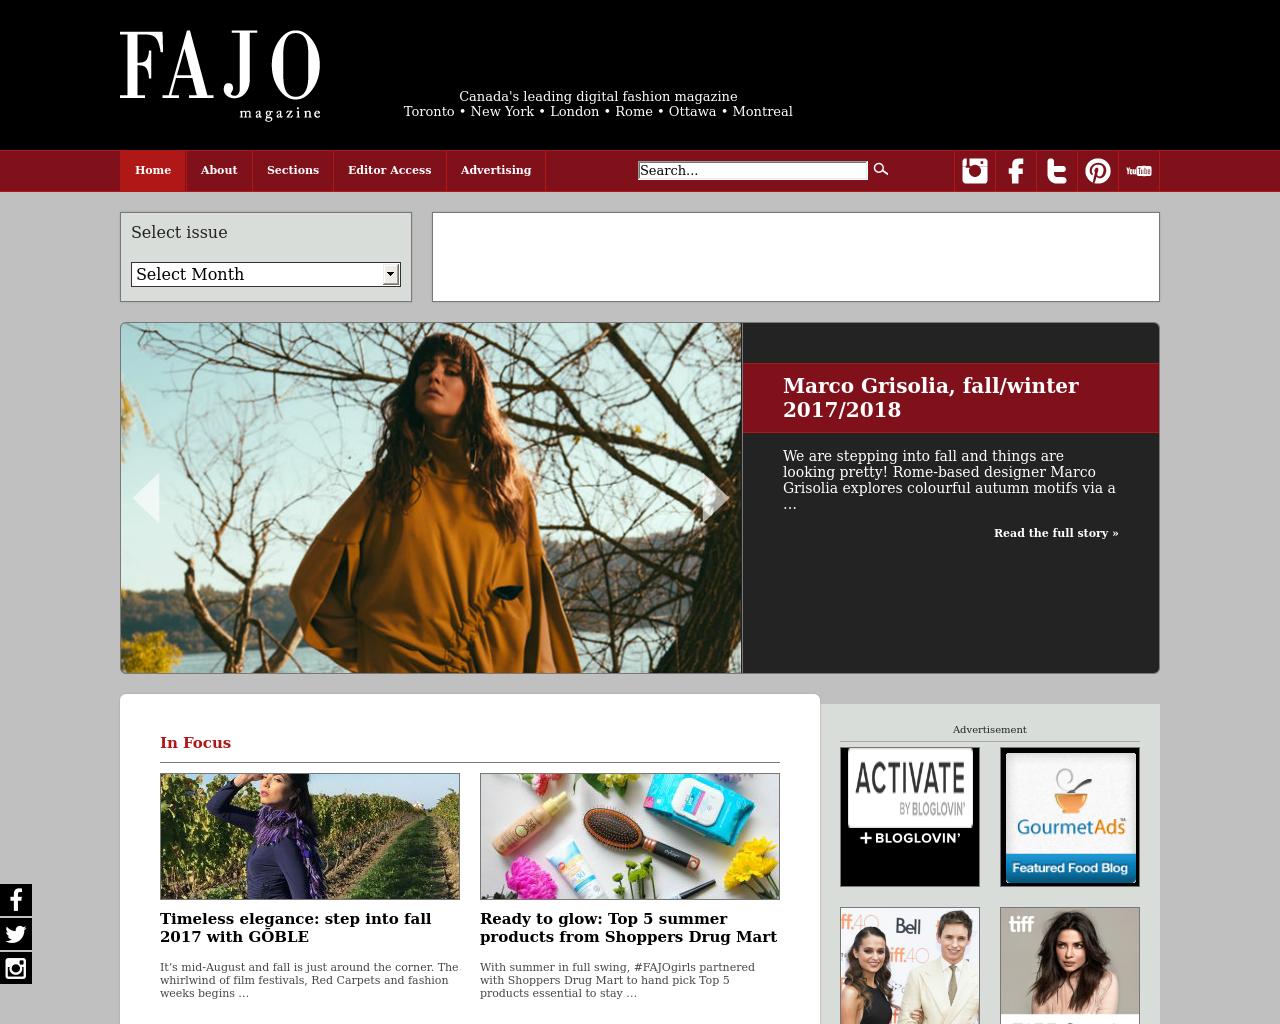 FAJO-Magazine-Advertising-Reviews-Pricing